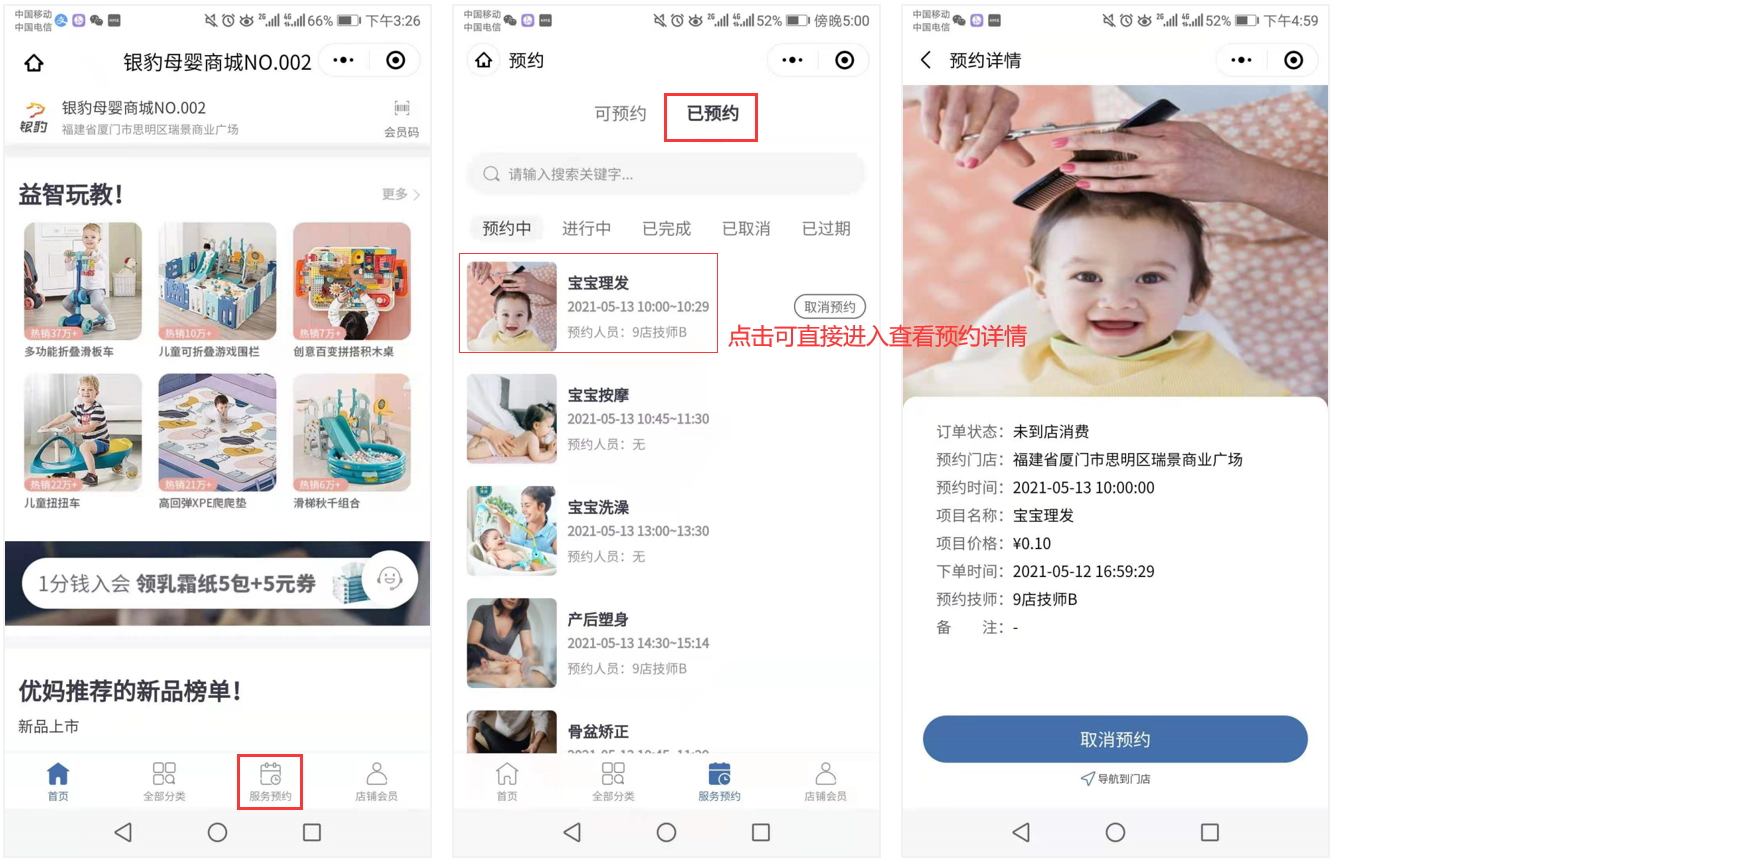 母婴小程序-服务预约设置-银豹博客